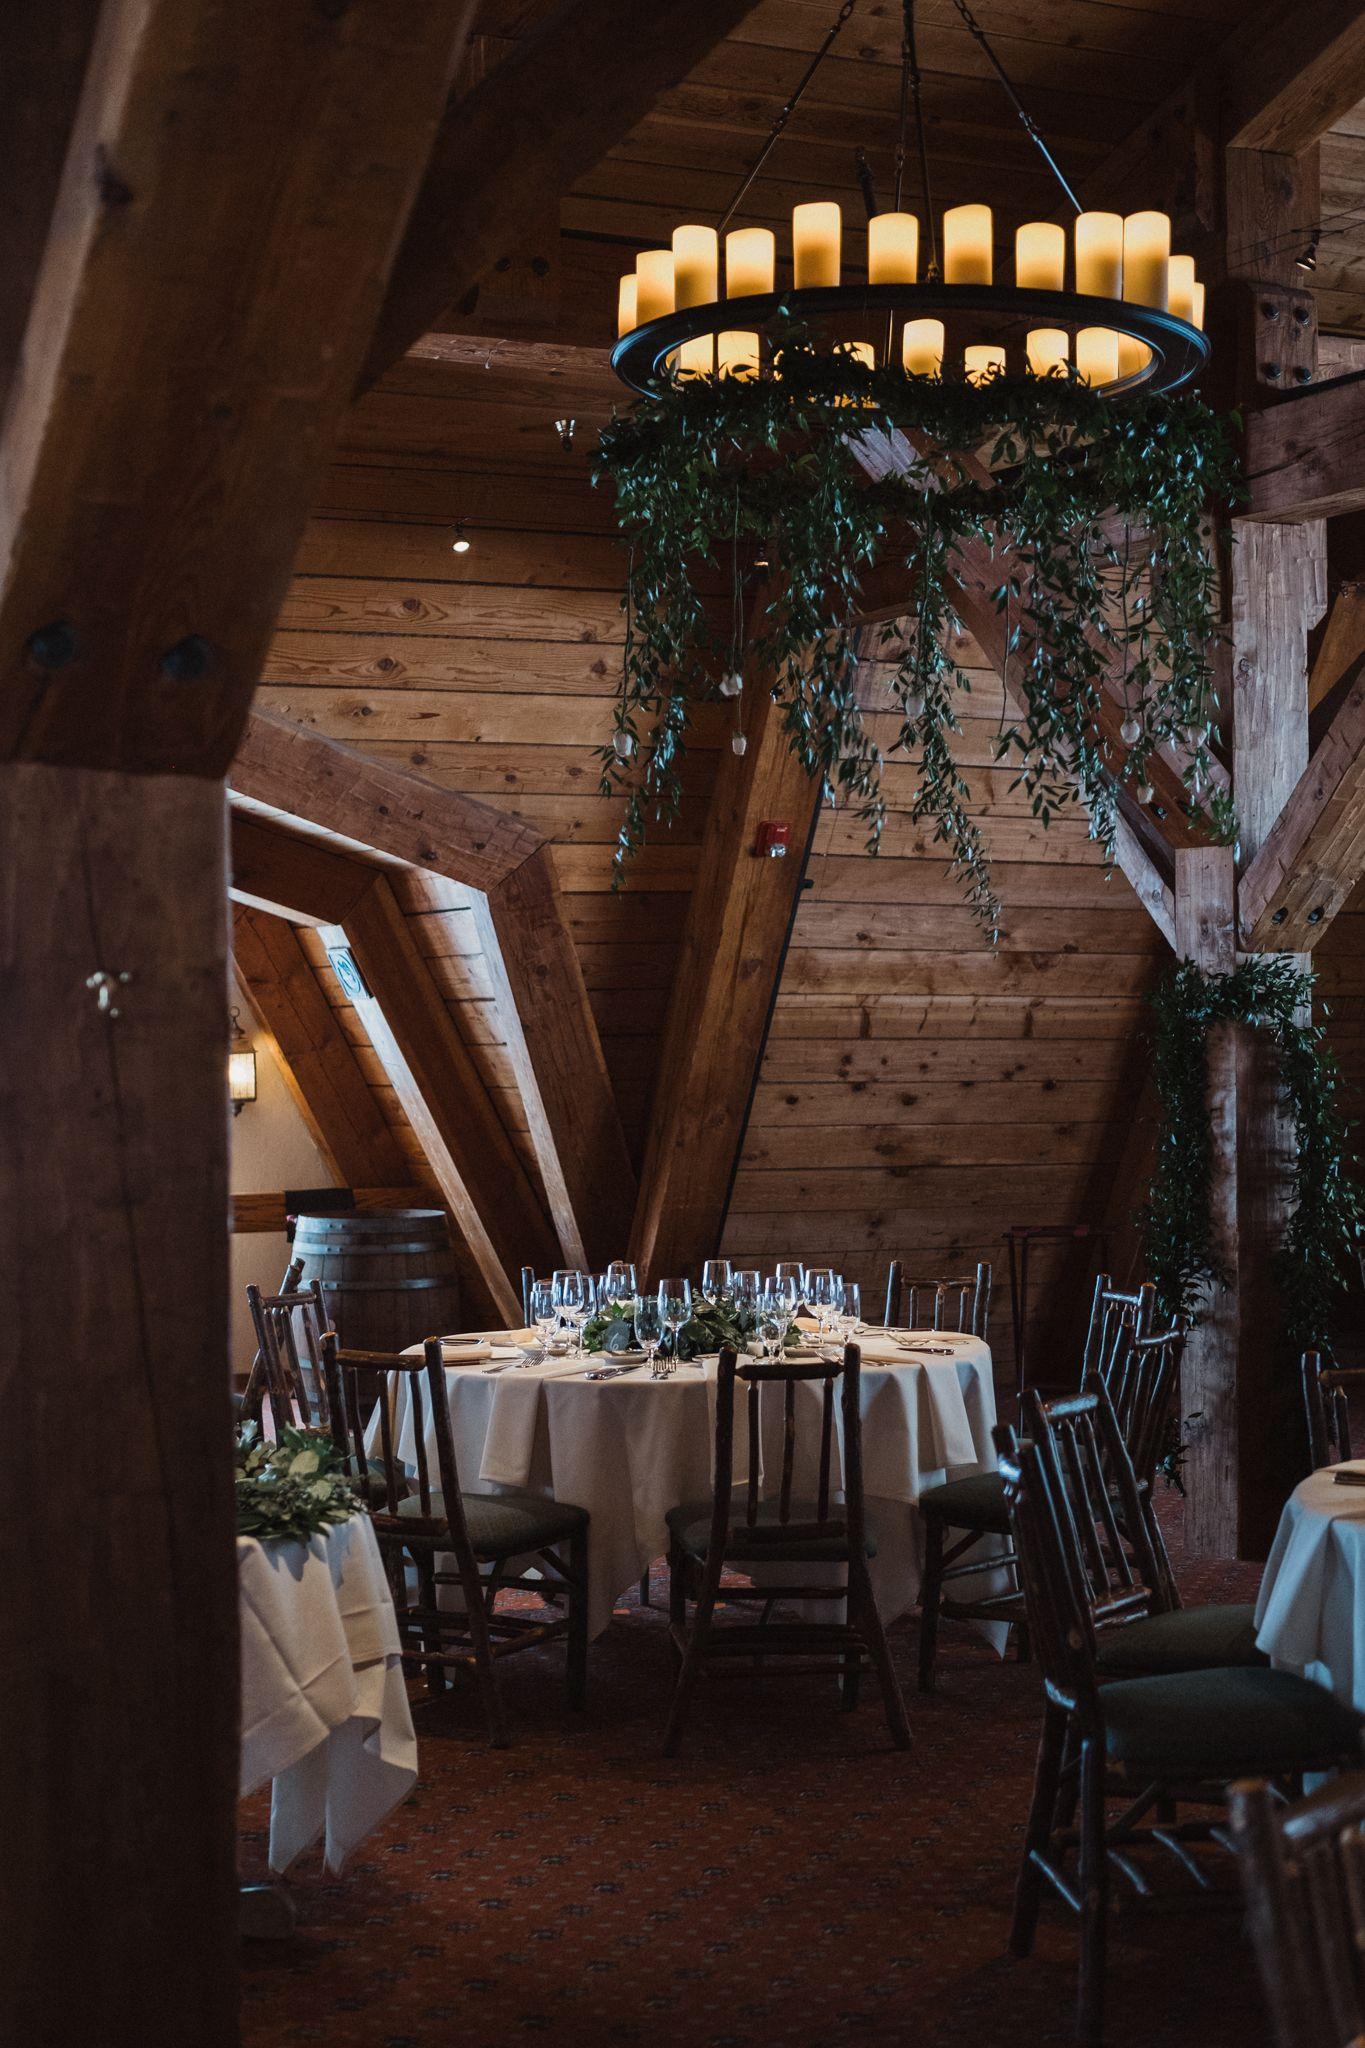 Gorrono Ranch Winter Wedding in Telluride, Colorado